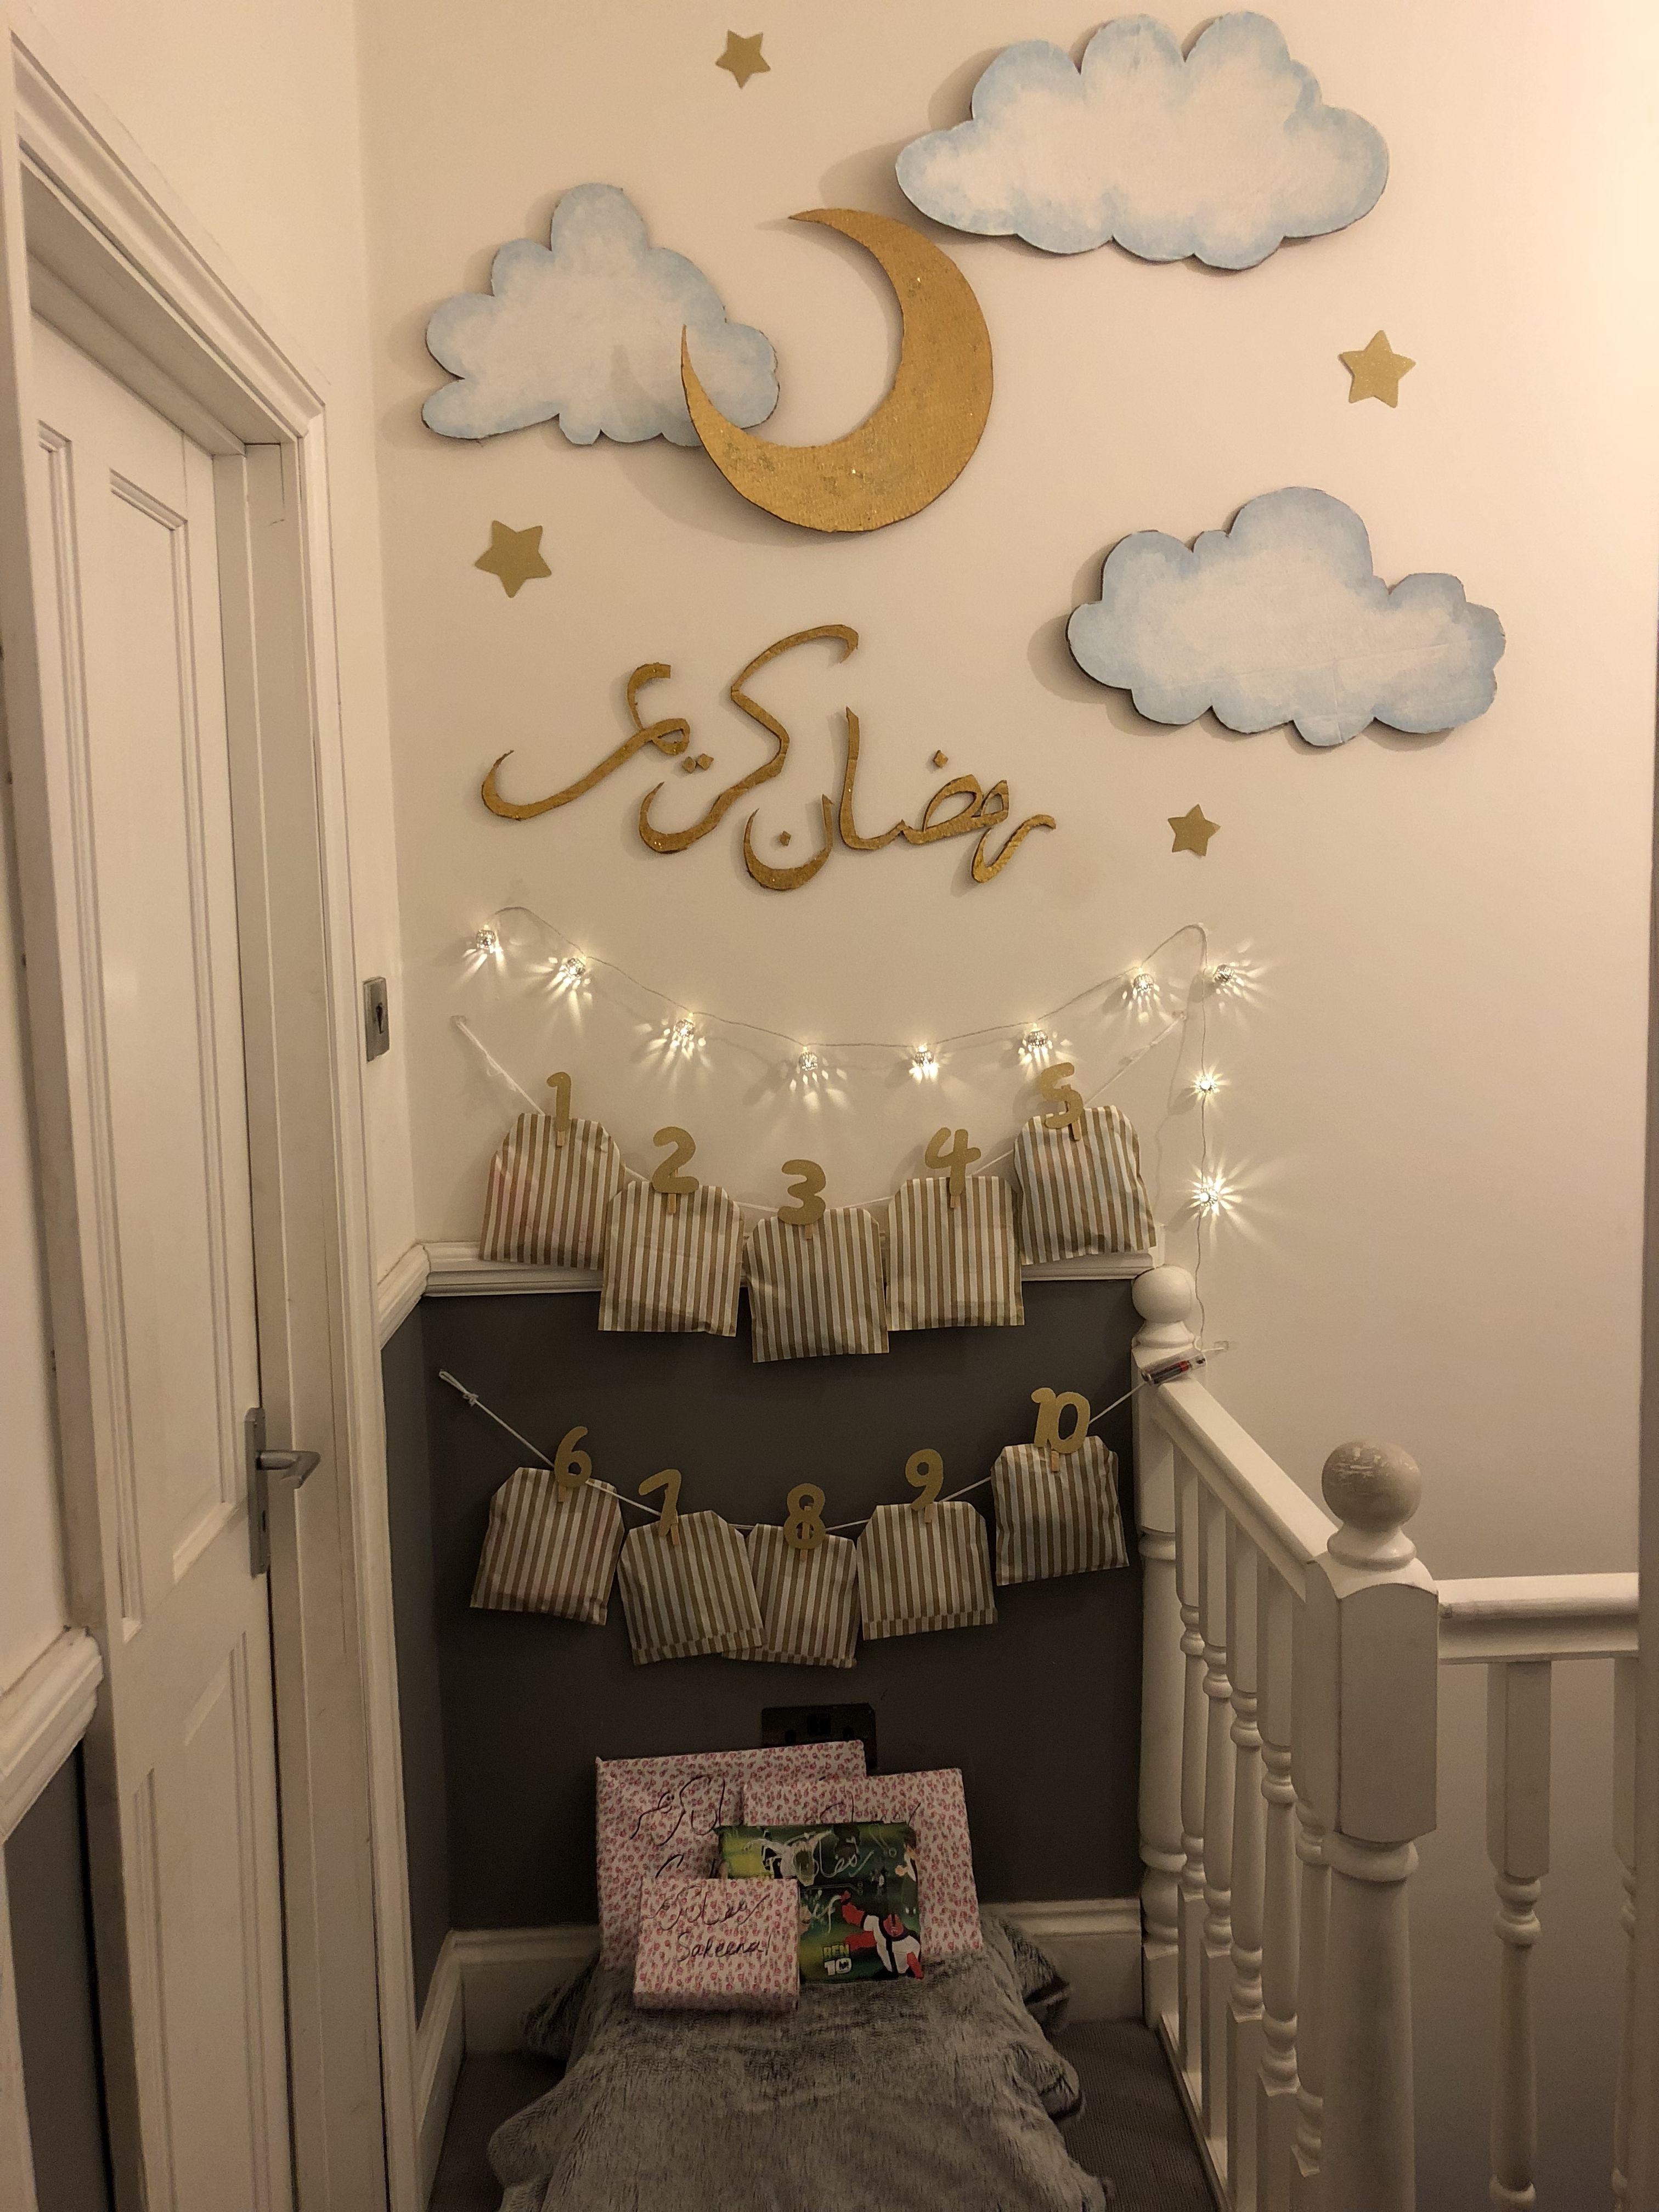 زينة رمضان من البيت-زينة الترحيب برمضان